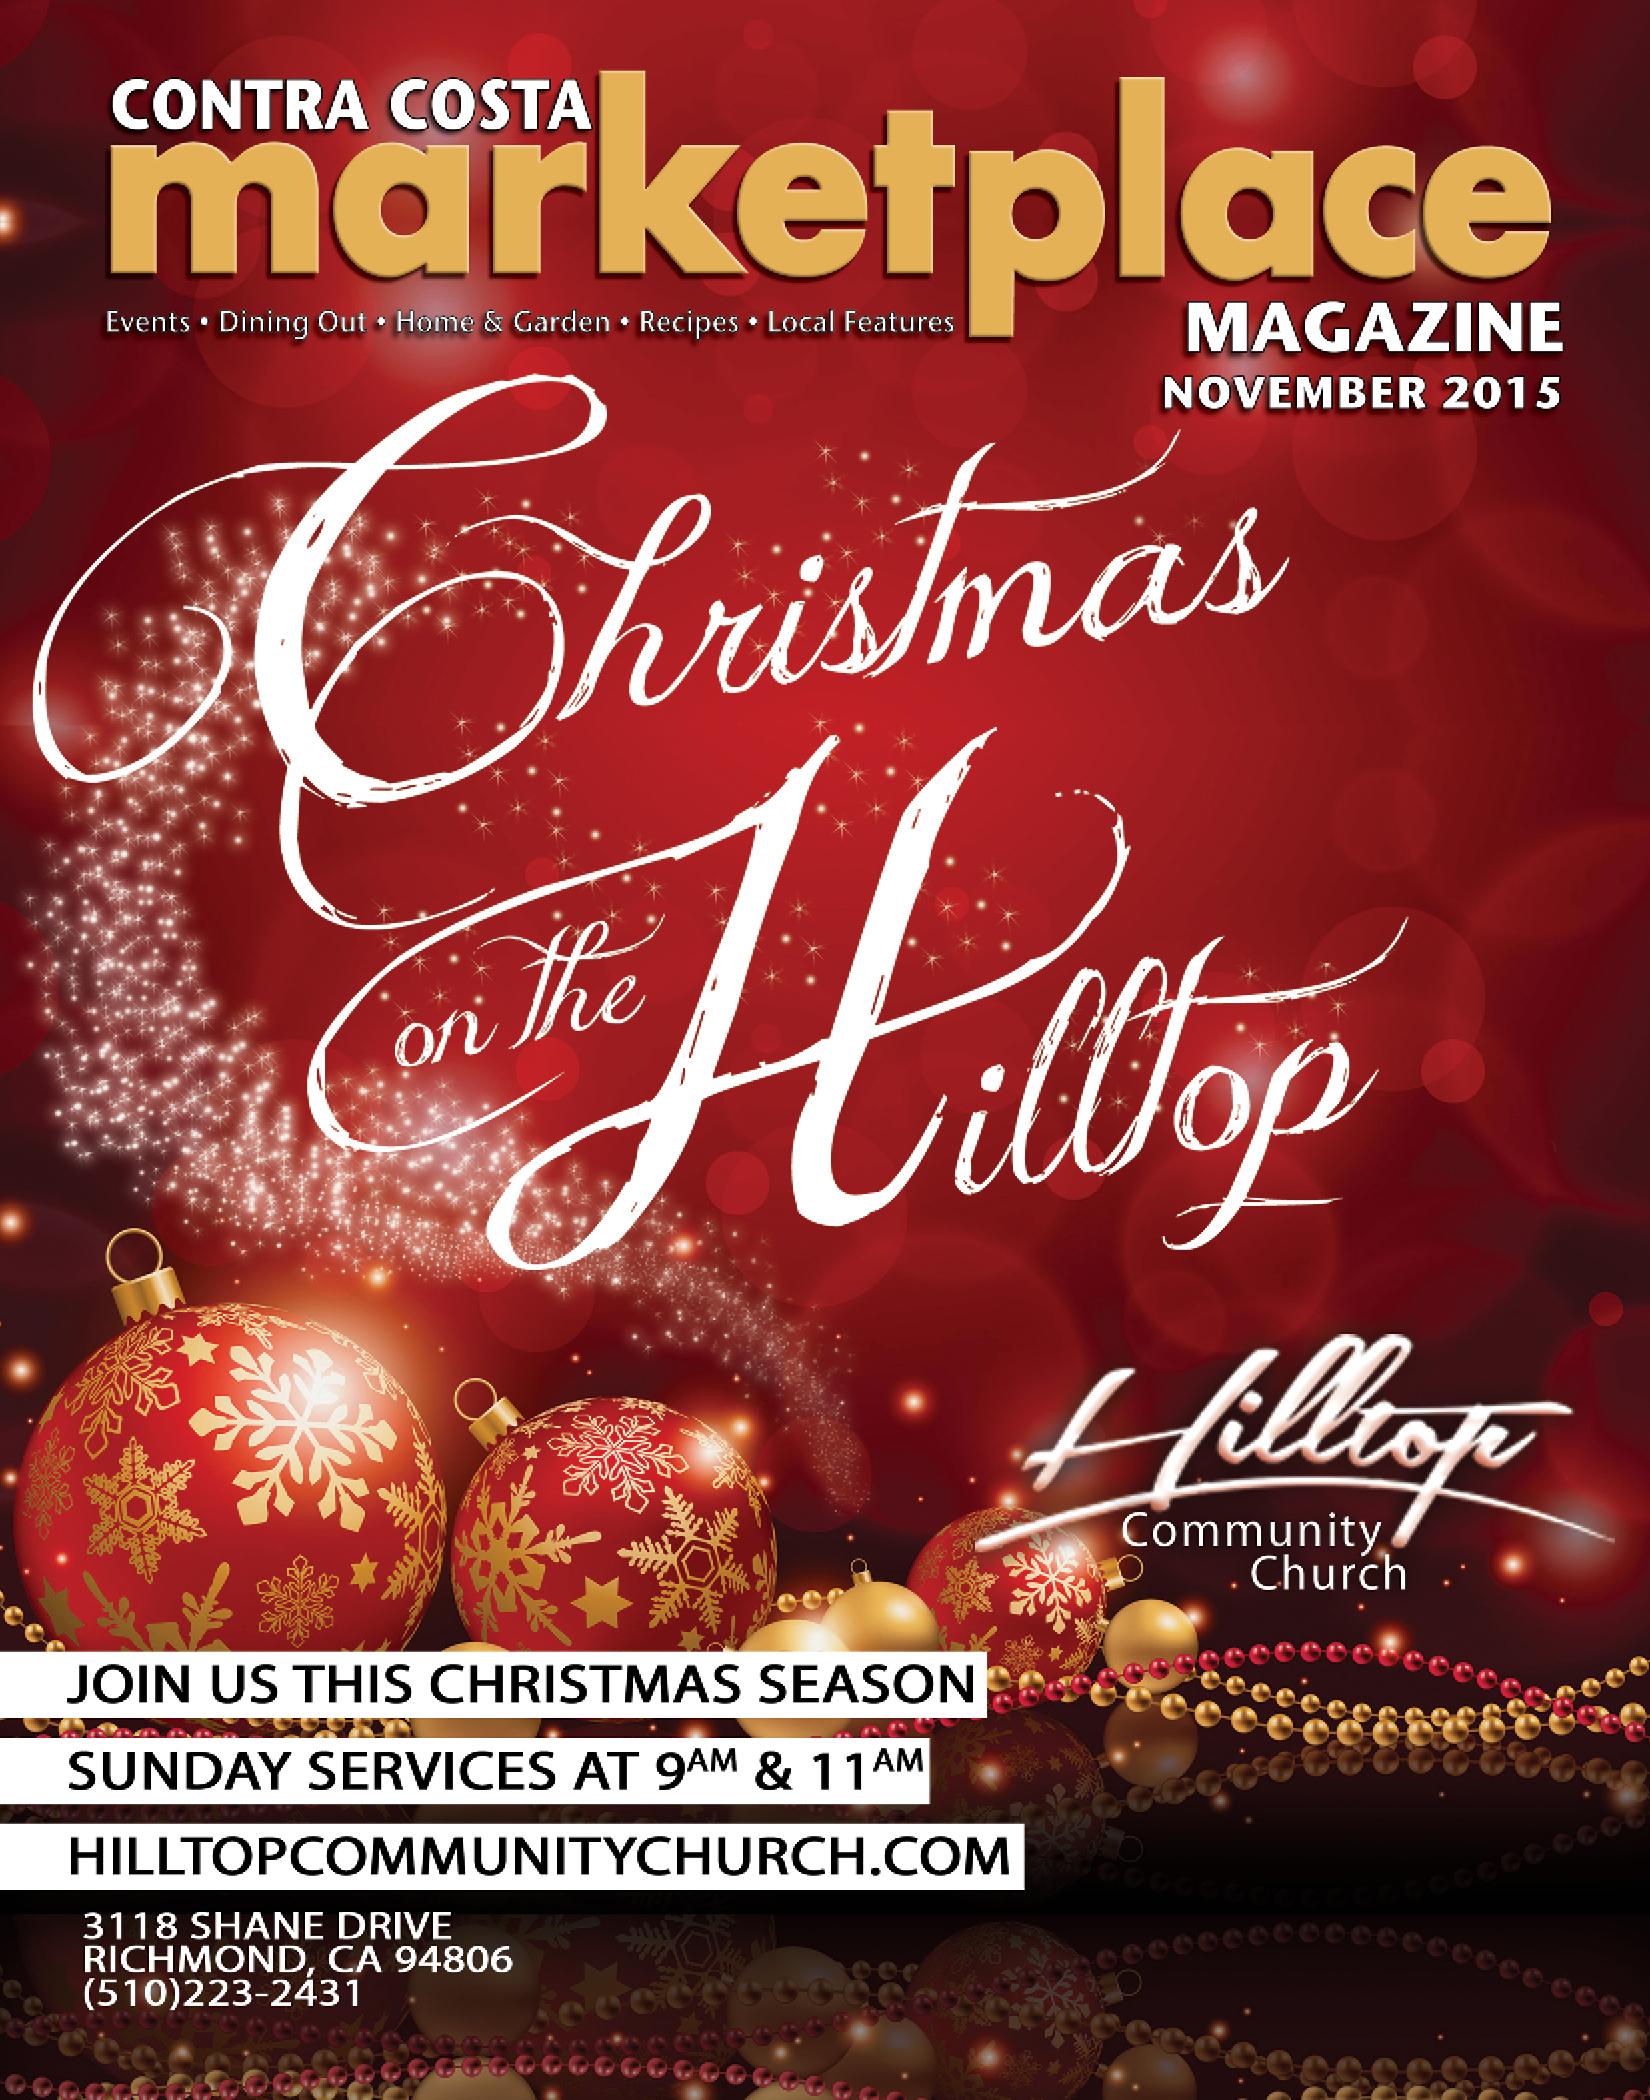 CC Hilltop Church Cover 1115HR